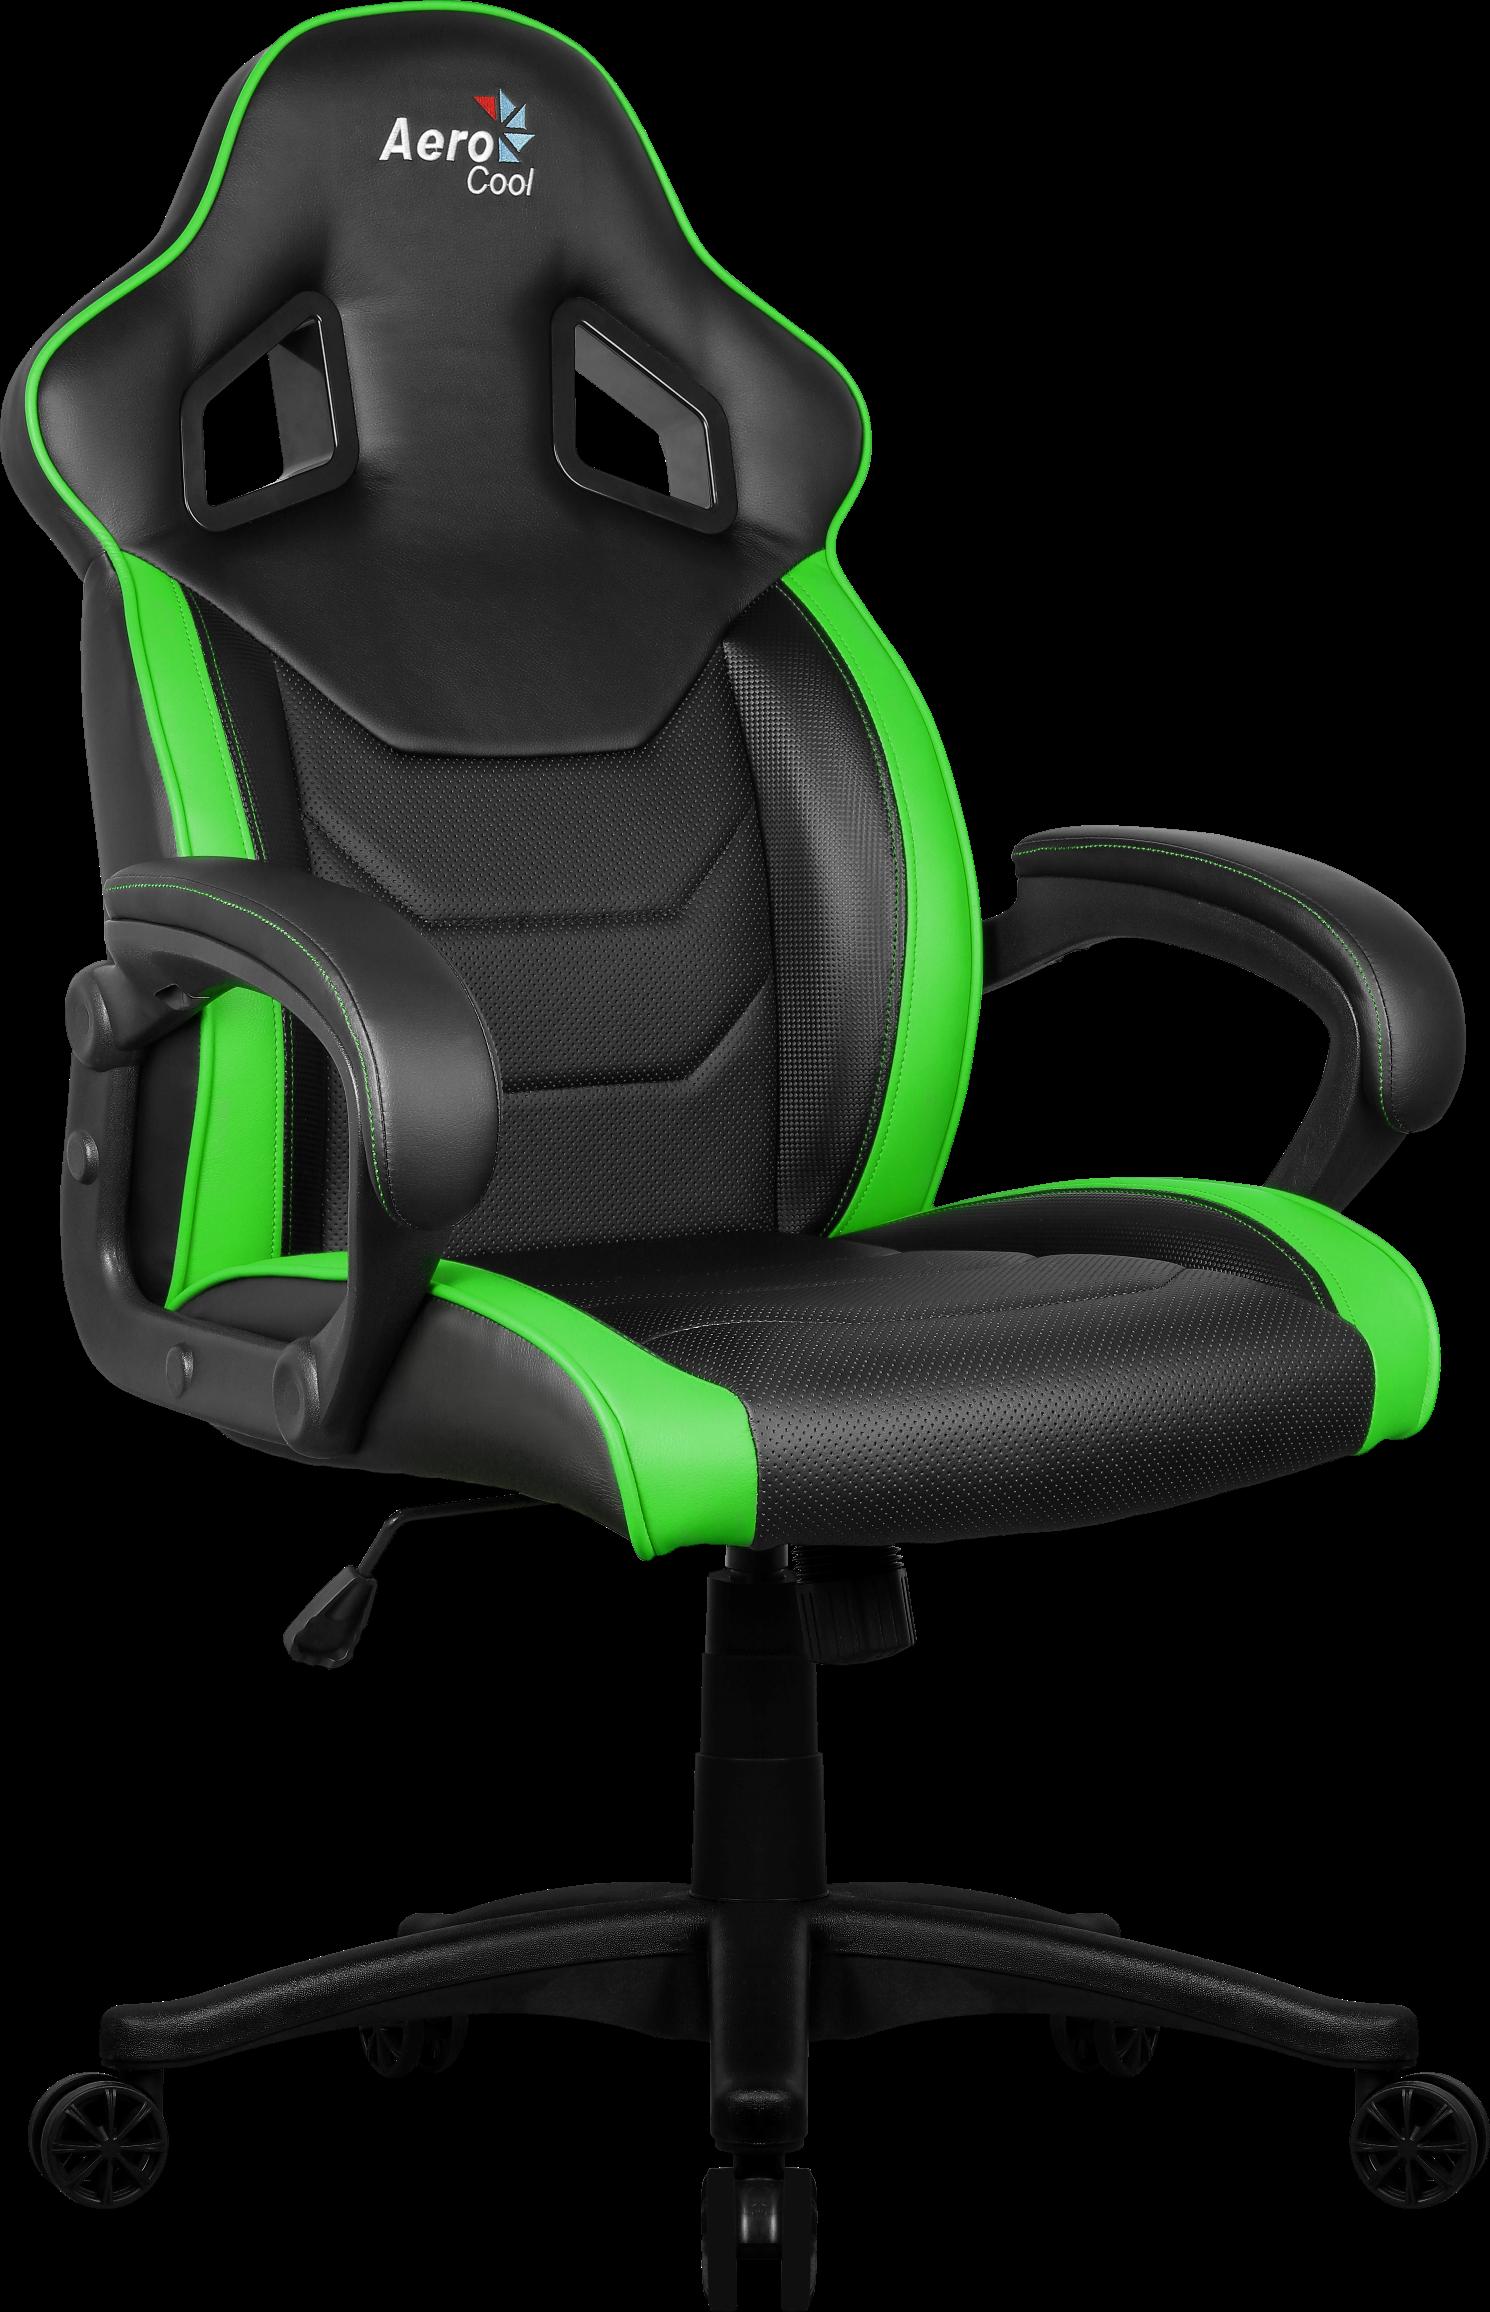 AC60C AIR-BG кресло для геймера aerocool ac60c air bg черно зеленое